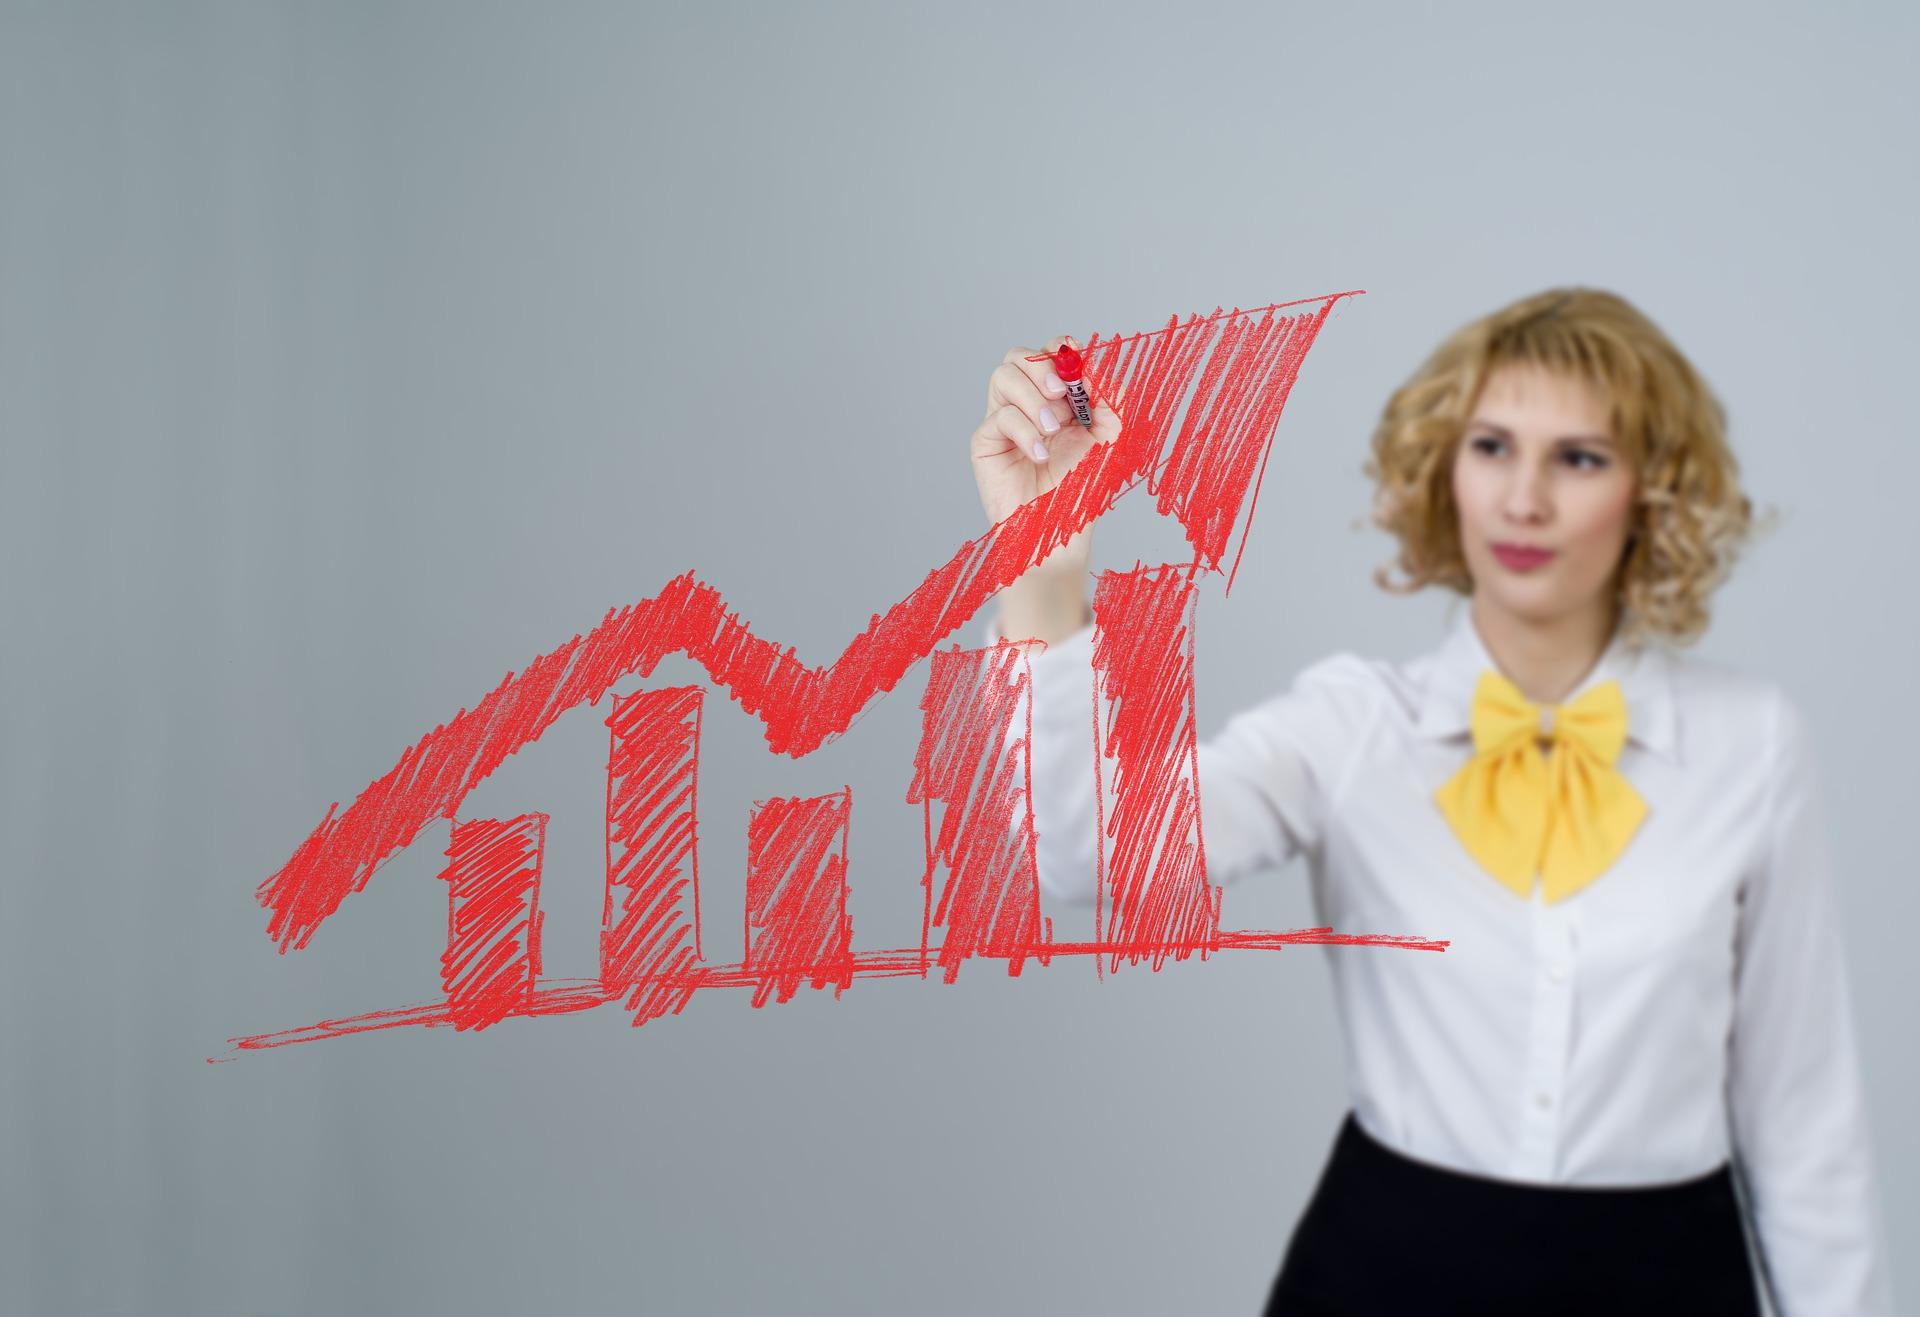 Métricas básicas para medir resultados en ventas